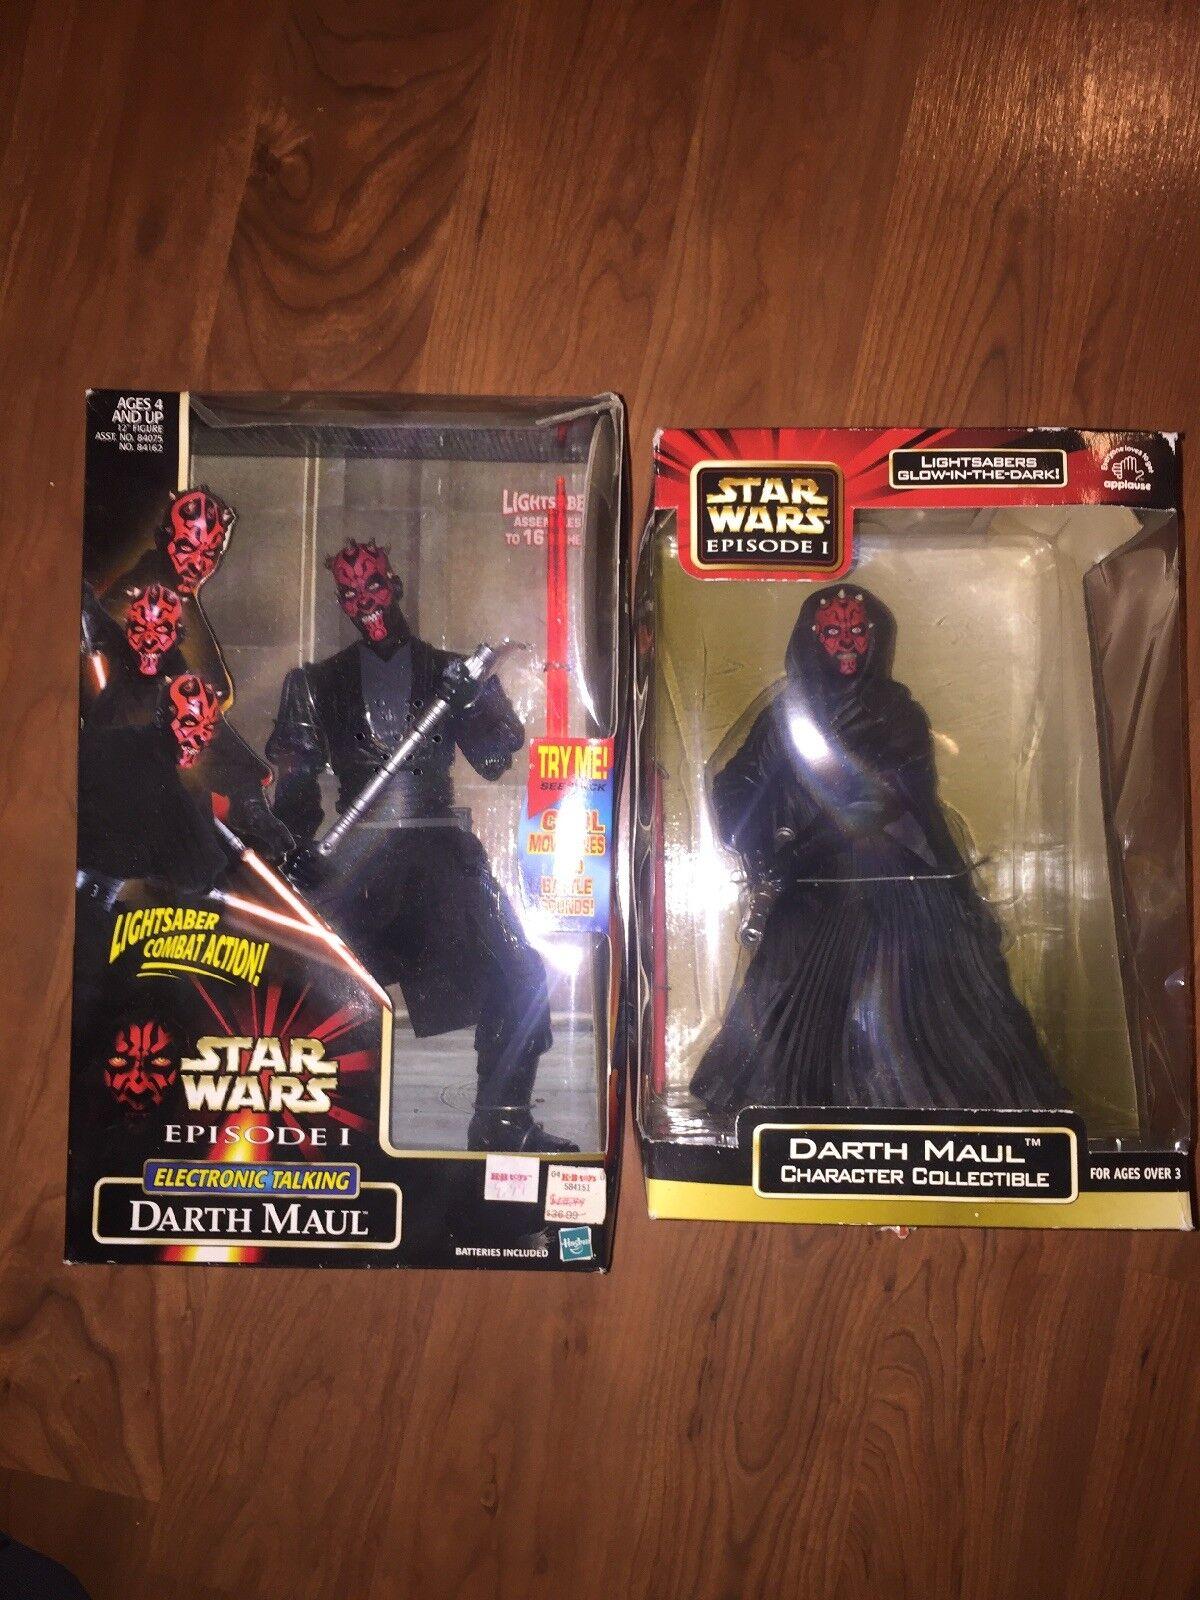 Star Wars Wars Wars Episode 1 Darth Maul Electronic Talkikg Glow In The Dark Lightsabers 11509f